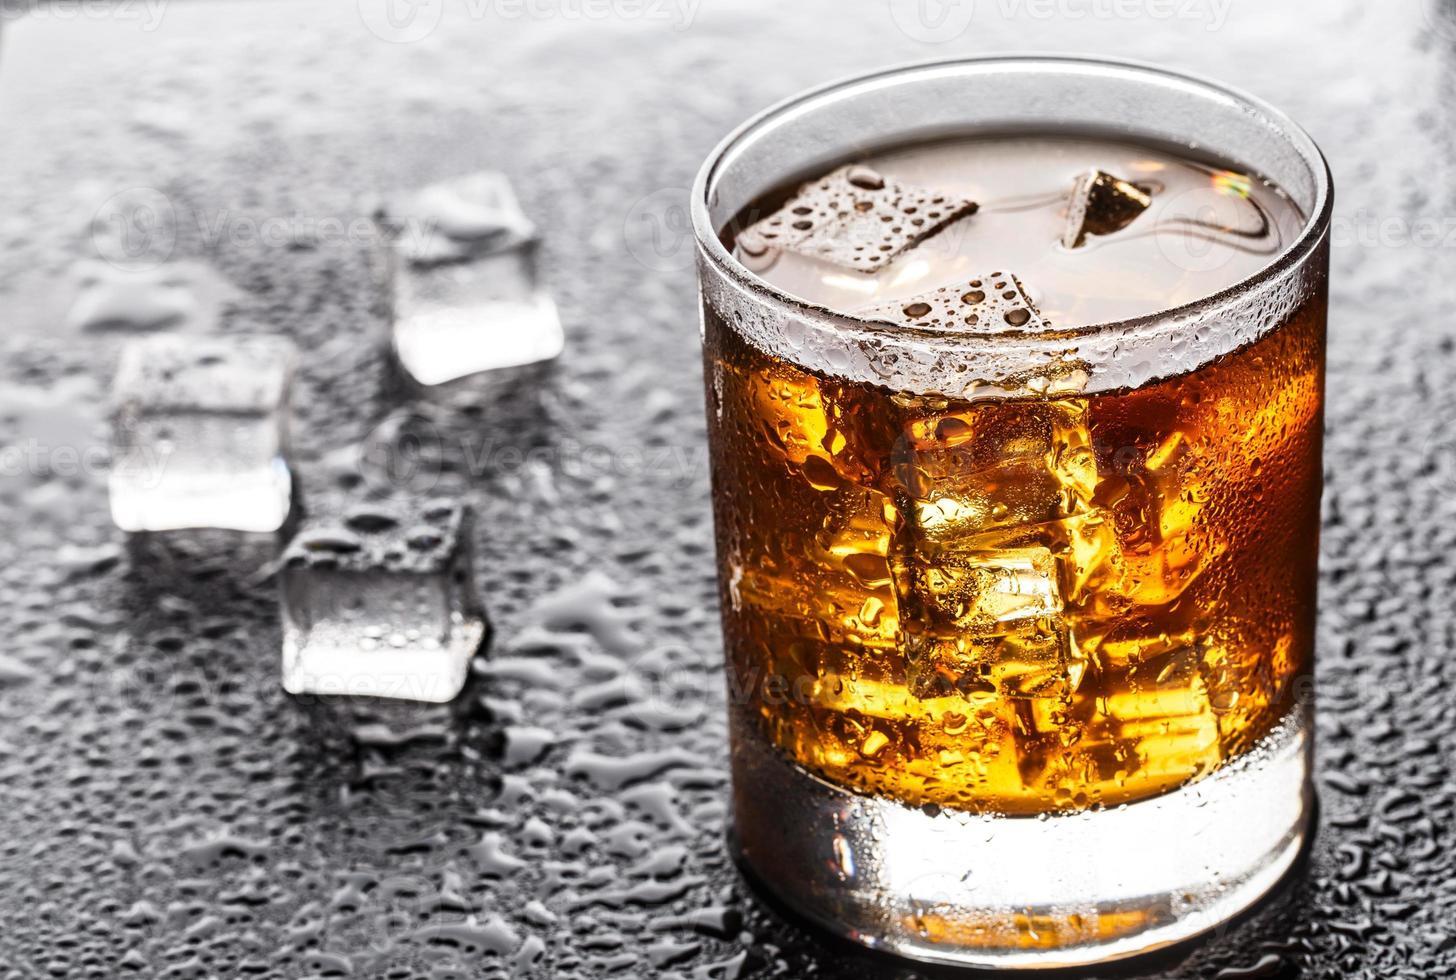 Glas mit alkoholischem Getränk foto